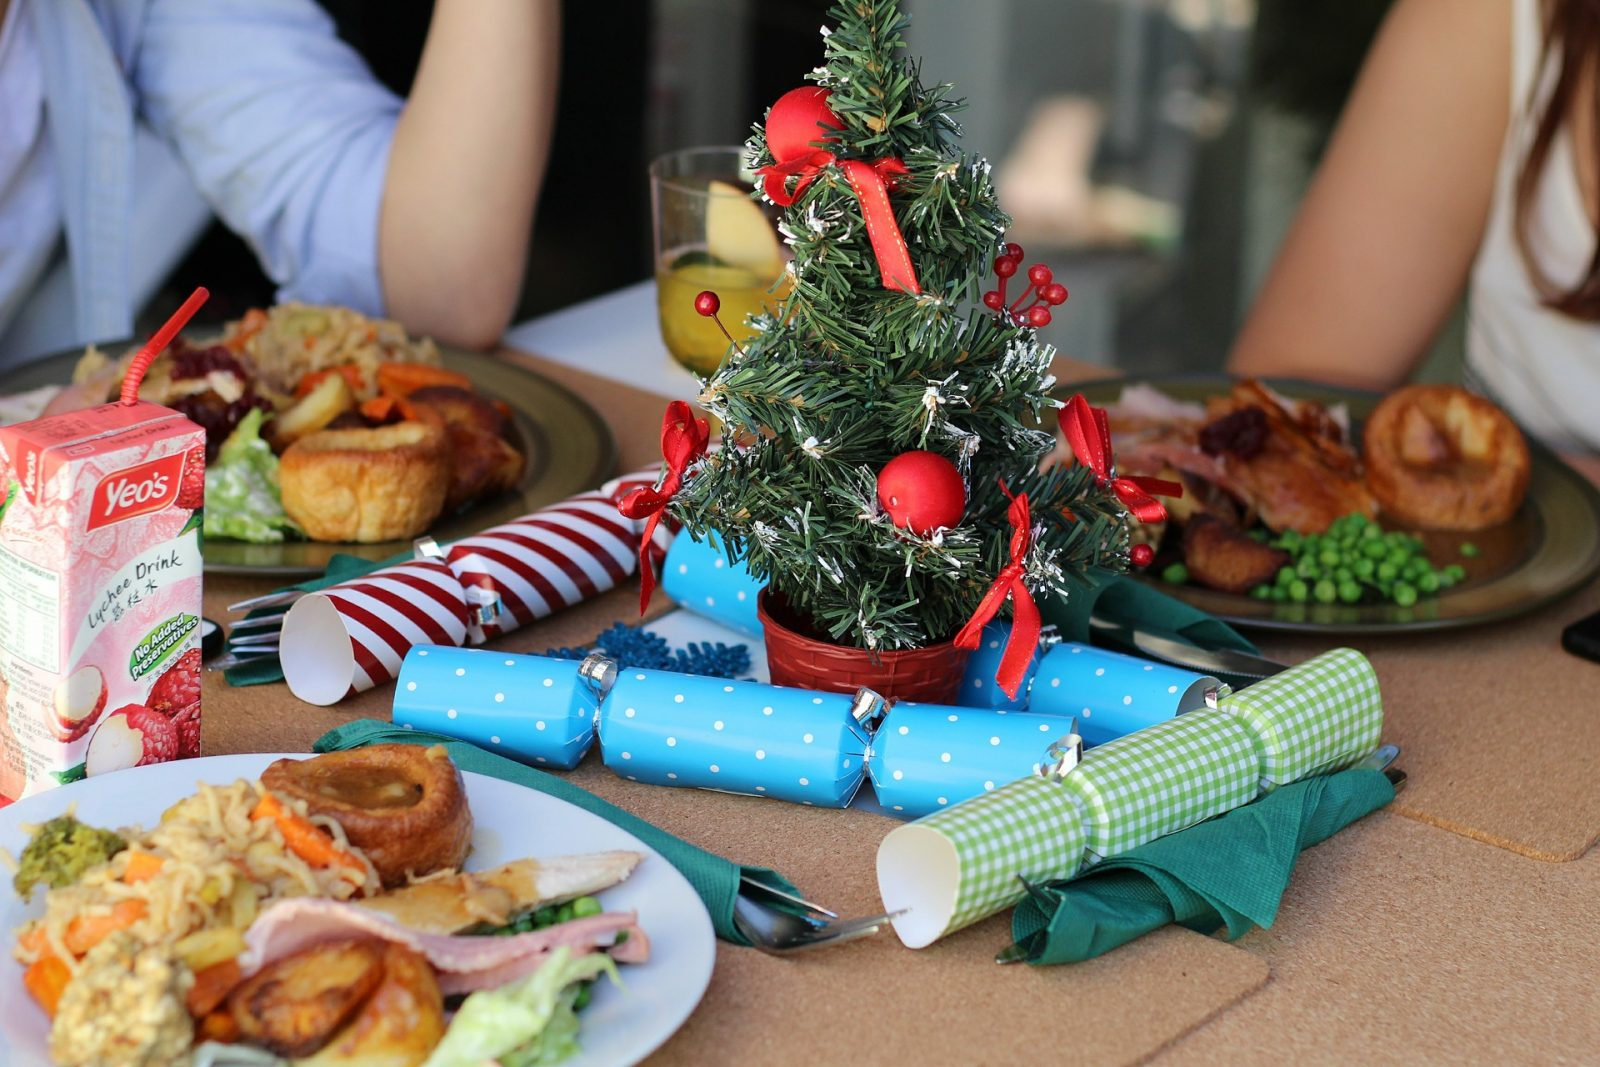 Het is bijna kerst en vaak staan die dagen in het teken van familiebezoek en lekker eten. Hoe kom je nu zo vitaal mogelijk de feestdagen door, zonder dat je 10 kilo aankomt:-). Voel, kies en geniet! Kies van tevoren je momenten waarop je lekkere dingen aanneemt en wanneer niet. Wanneer je thuis de…